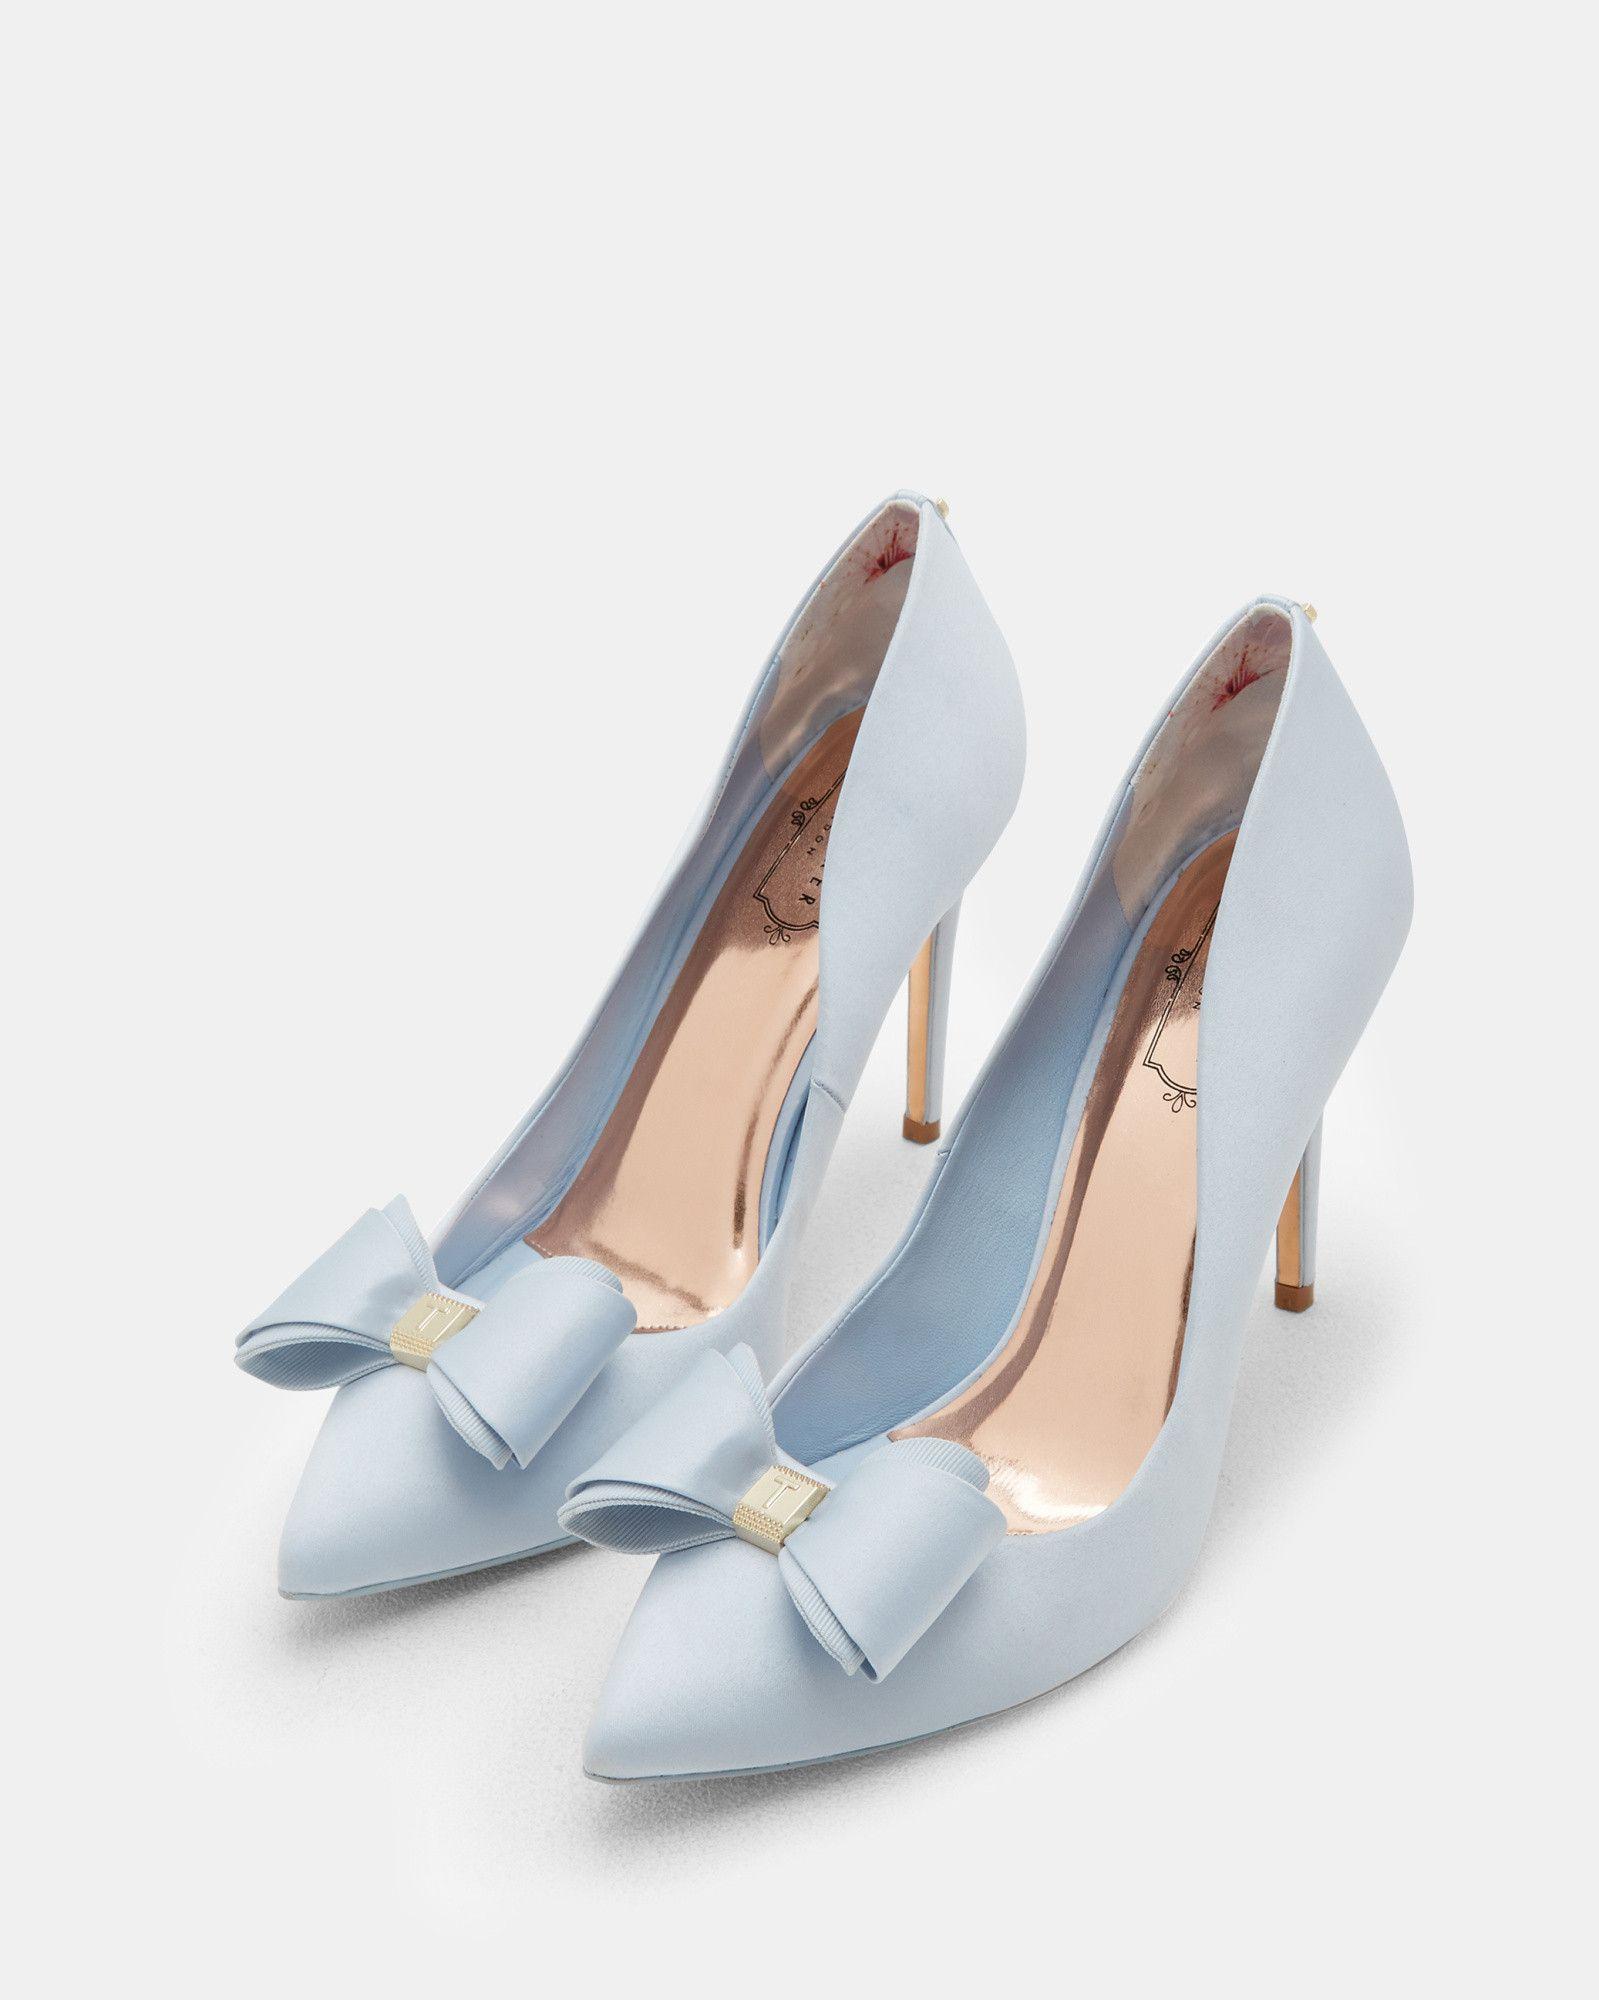 plus tard rabais de premier ordre trouver le prix le plus bas Escarpins satinés avec nœud - Bleu clair   chaussures   Ted ...